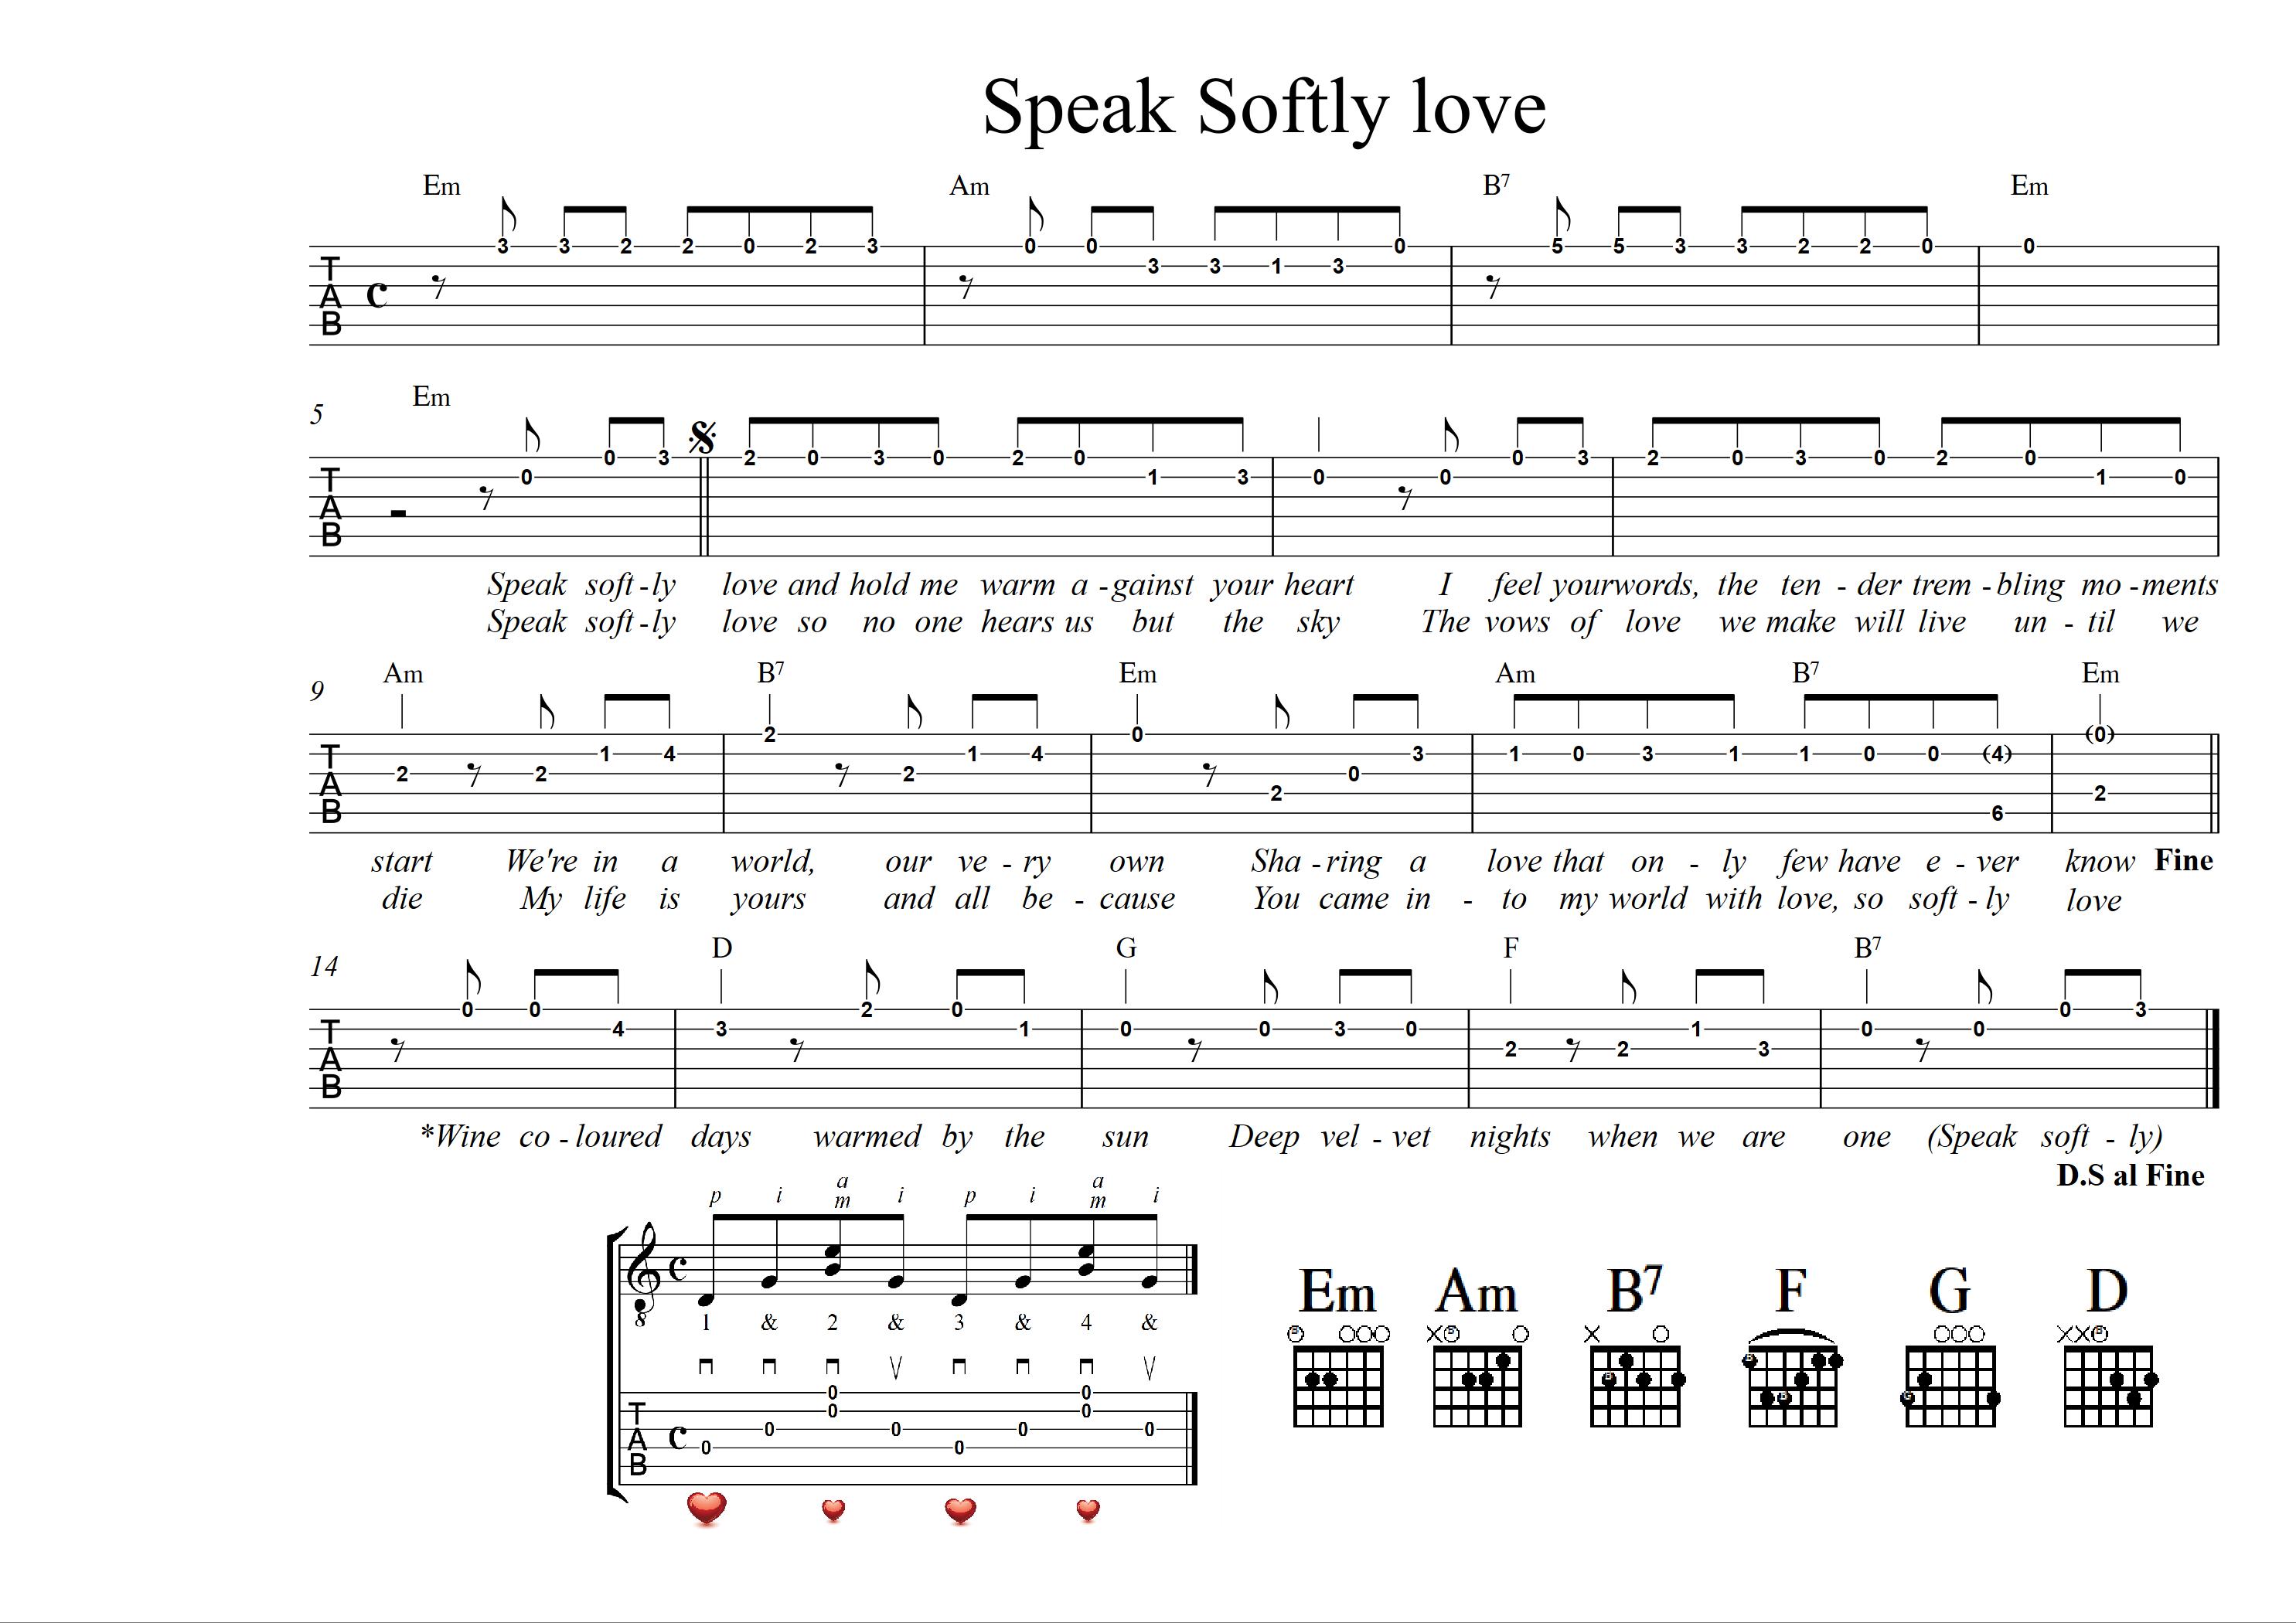 08 Speak softly love - 2